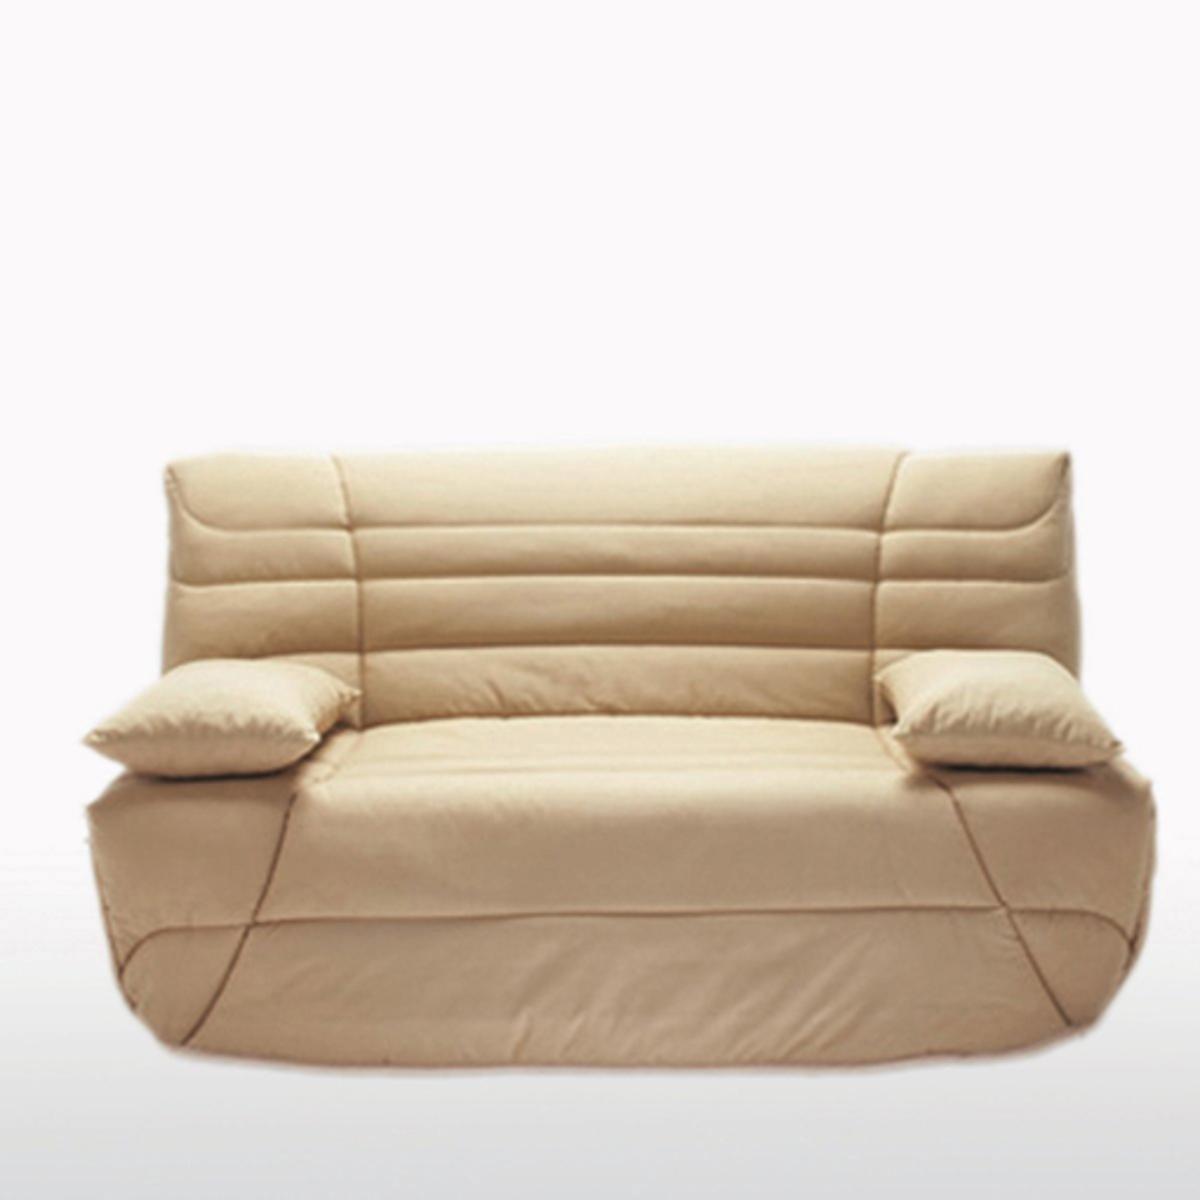 Чехол для дивана-книжки, толщина 14 см, усовершенствованная модель от La Redoute